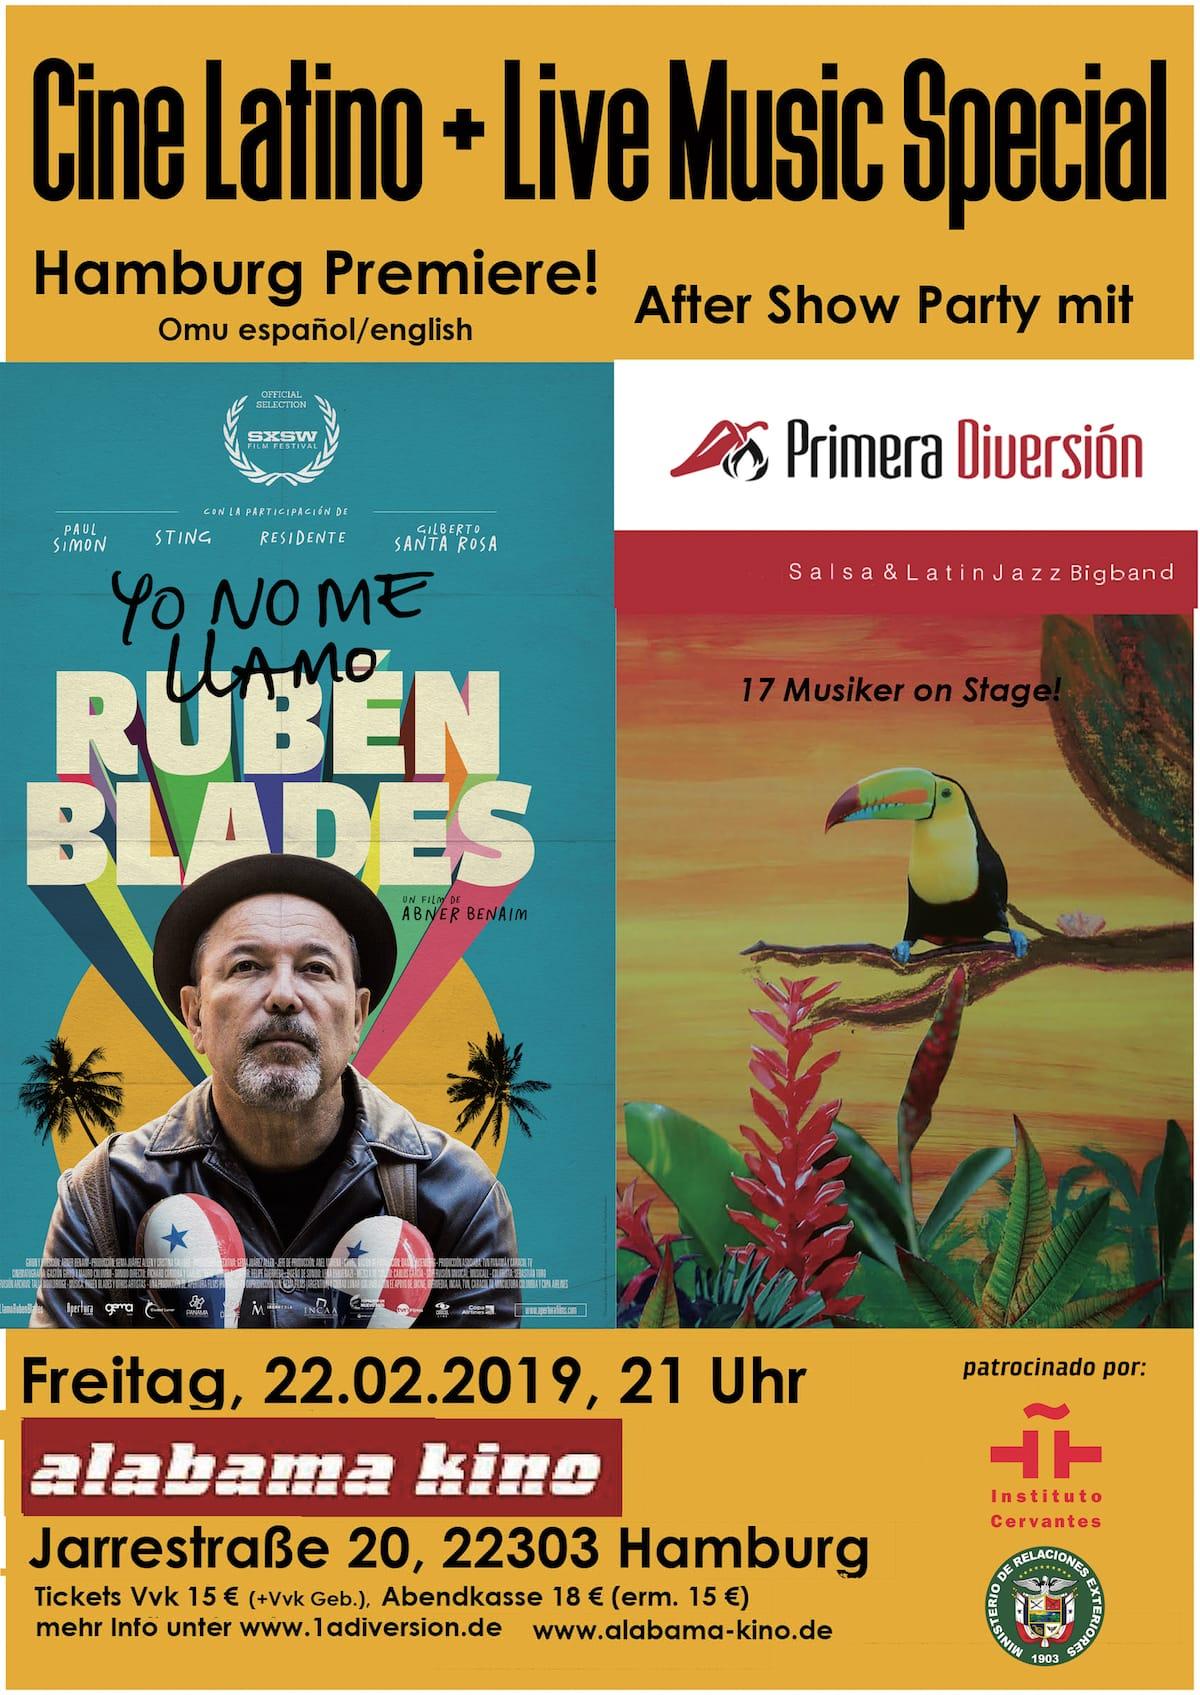 Cine Latino Yo No Me Llamo Rubén Blades + After Show Party mit PRIMERA DIVERSIÓN in Hamburg